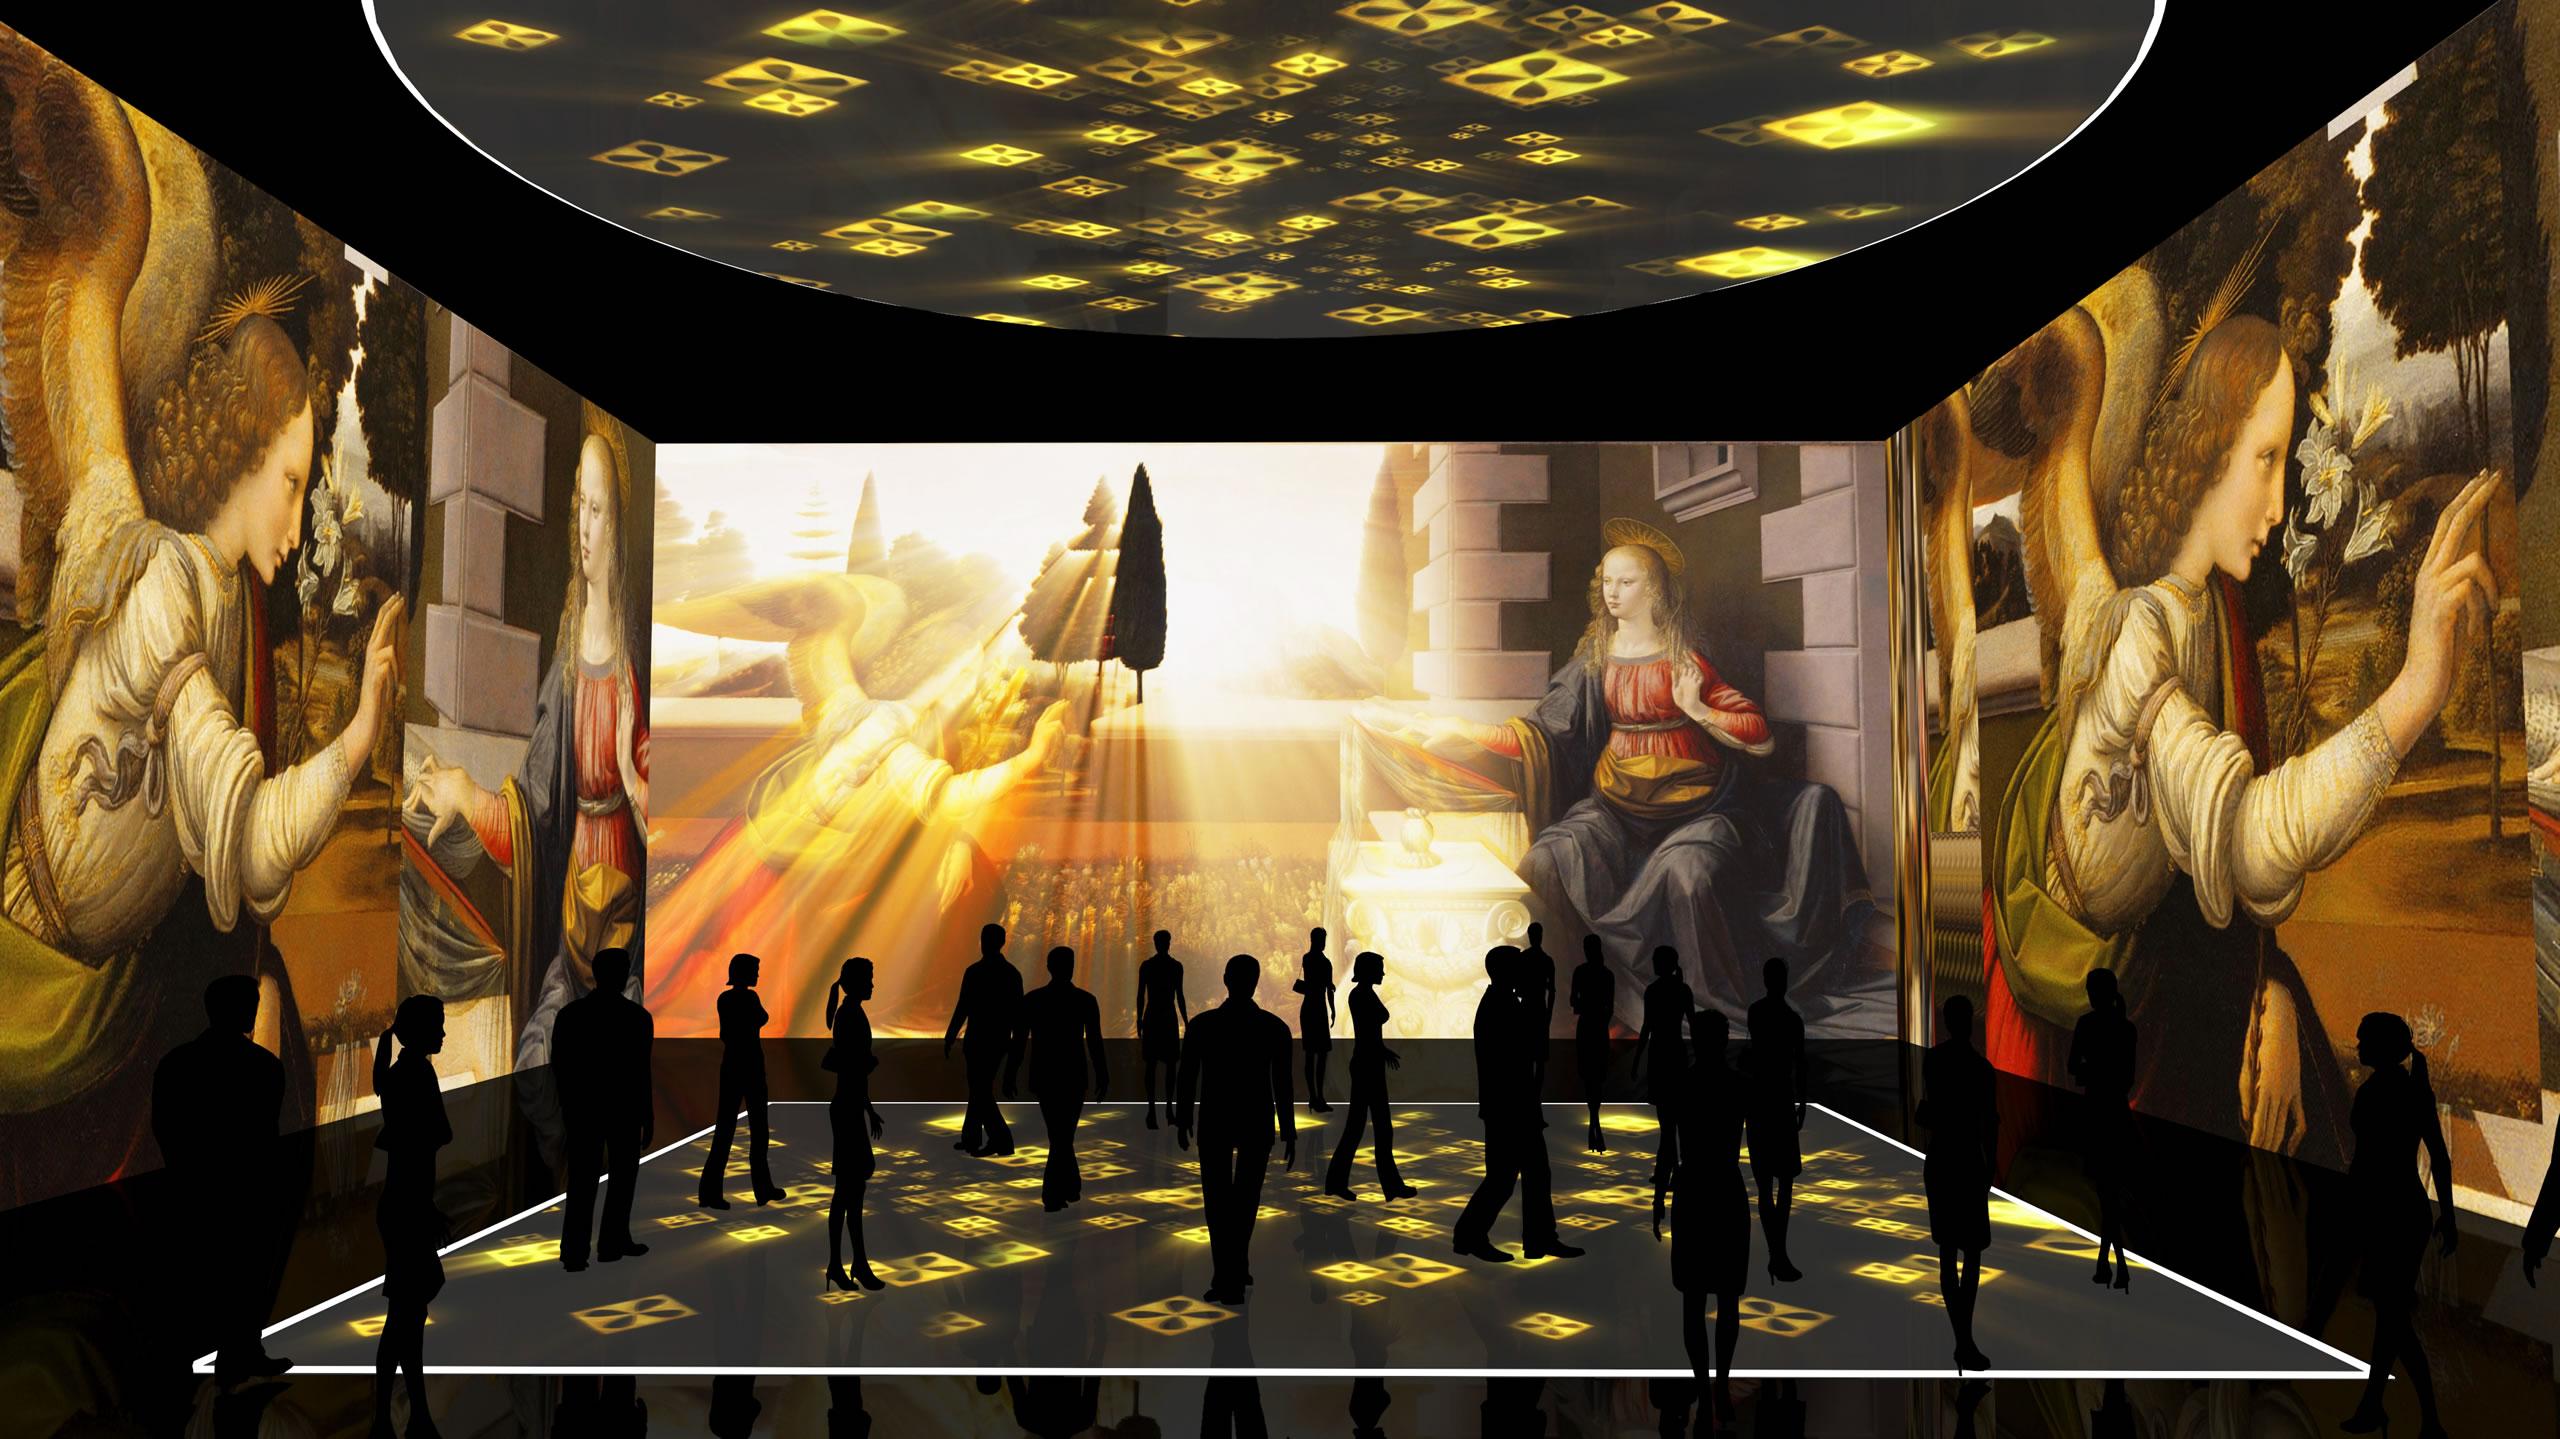 A Milano, Leonardo da Vinci è anche in 3D: alla Fabbrica del Vapore un evento multisensoriale